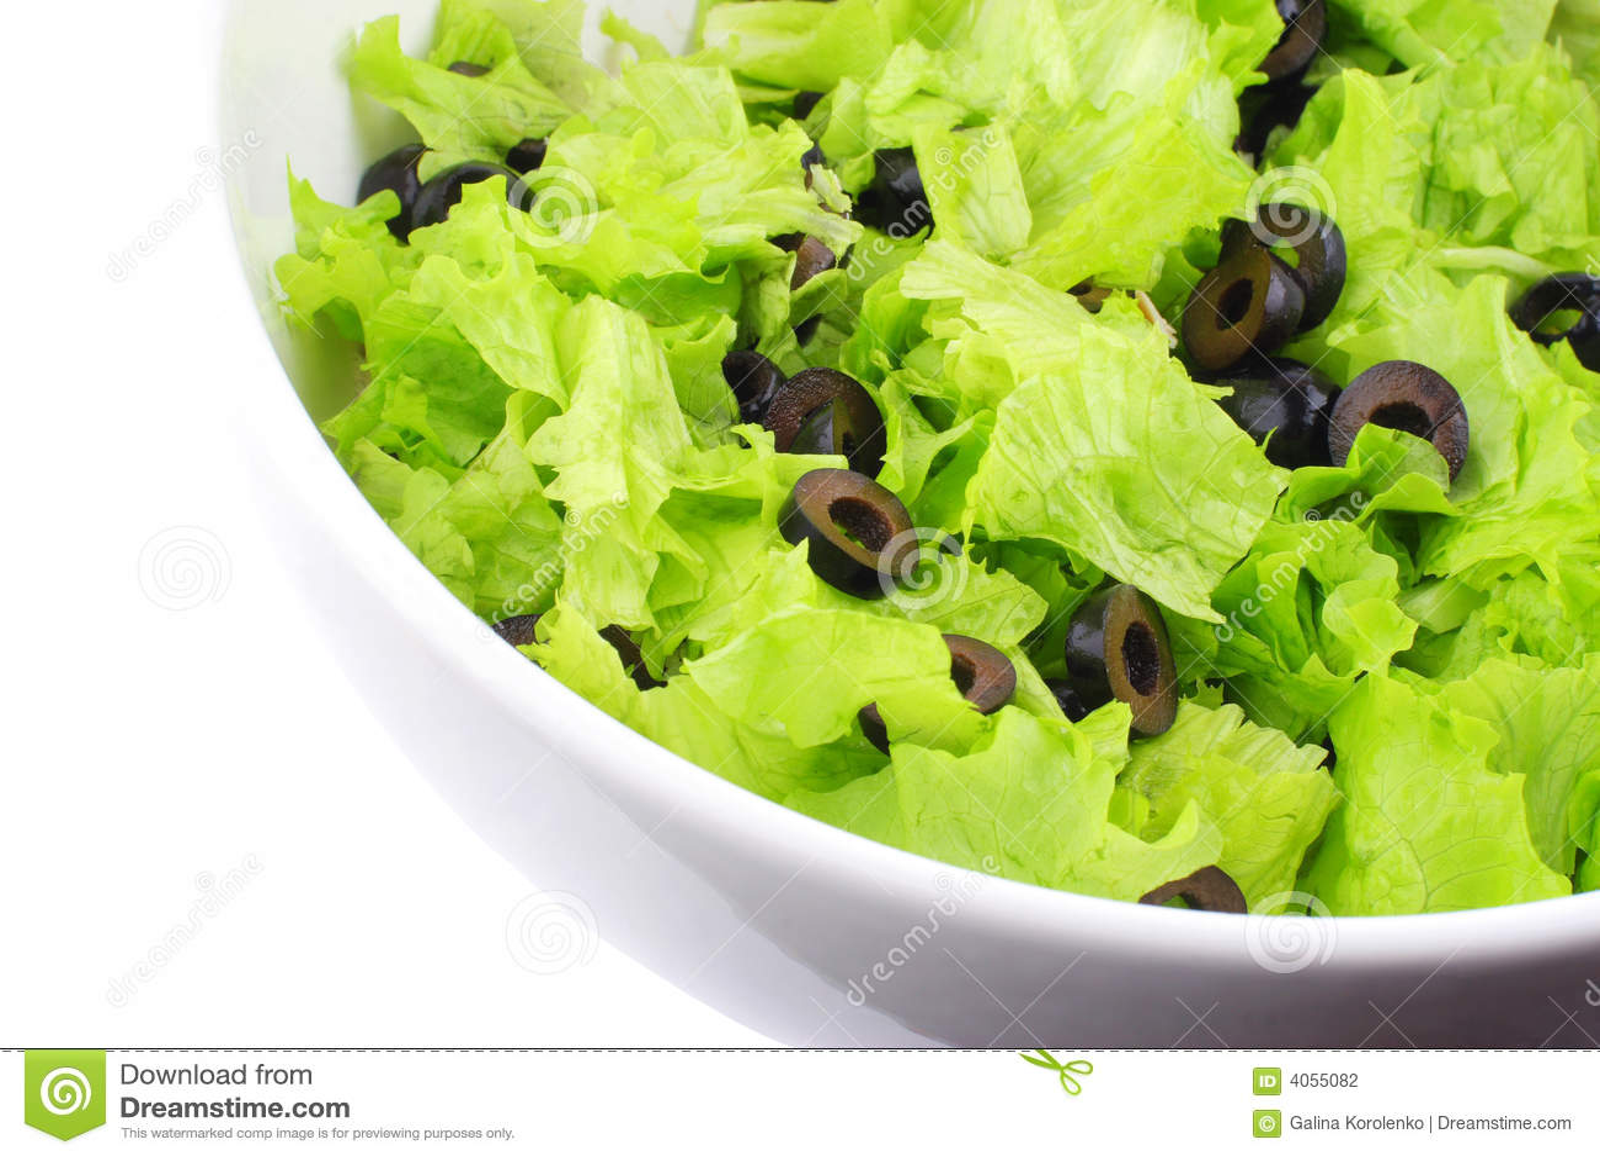 White för del för maträttgrönsallatolivgrön